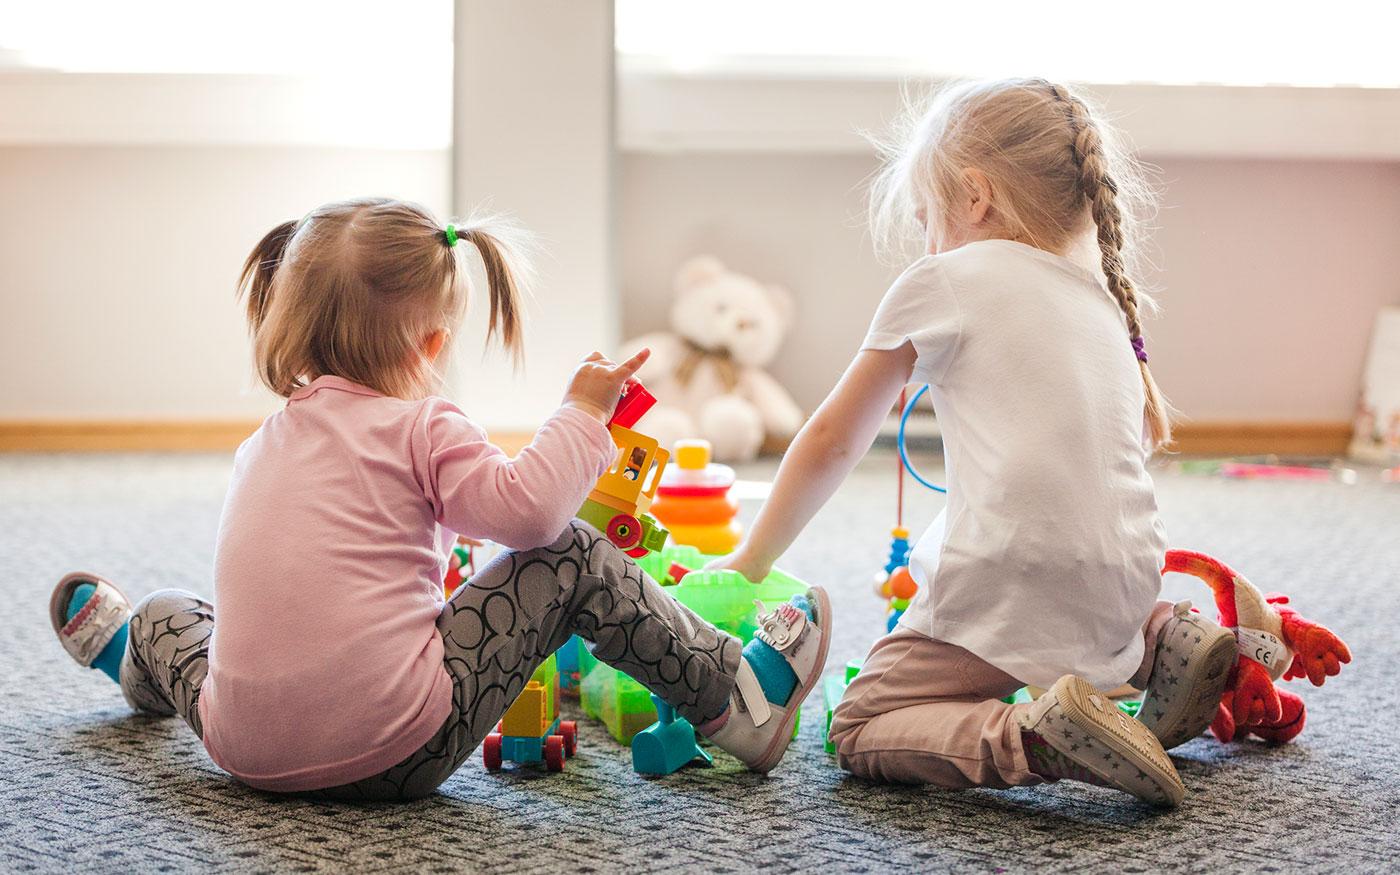 Nem hoz lényegi változást a gyerekek napközis ellátásában az új rendelet Dunaharasztin